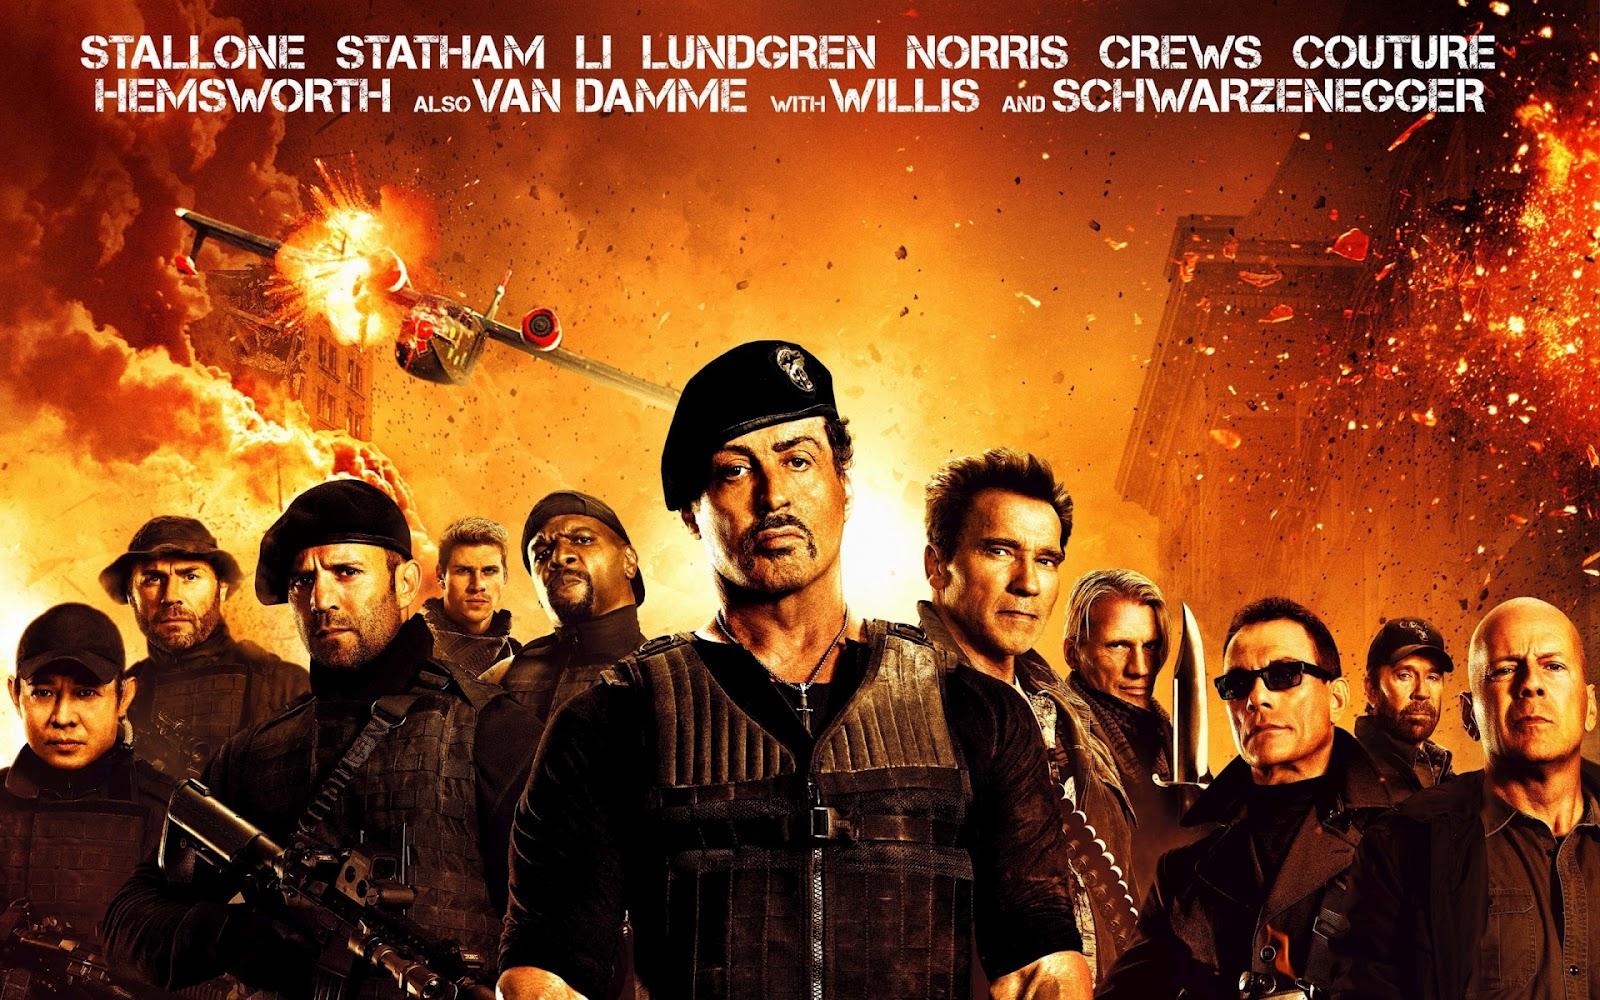 http://4.bp.blogspot.com/-0cb8G3gVFy4/UFmG2vxW9zI/AAAAAAAAANs/Zo6SuOopYm4/s1600/The-Expendables-2_2012.jpg